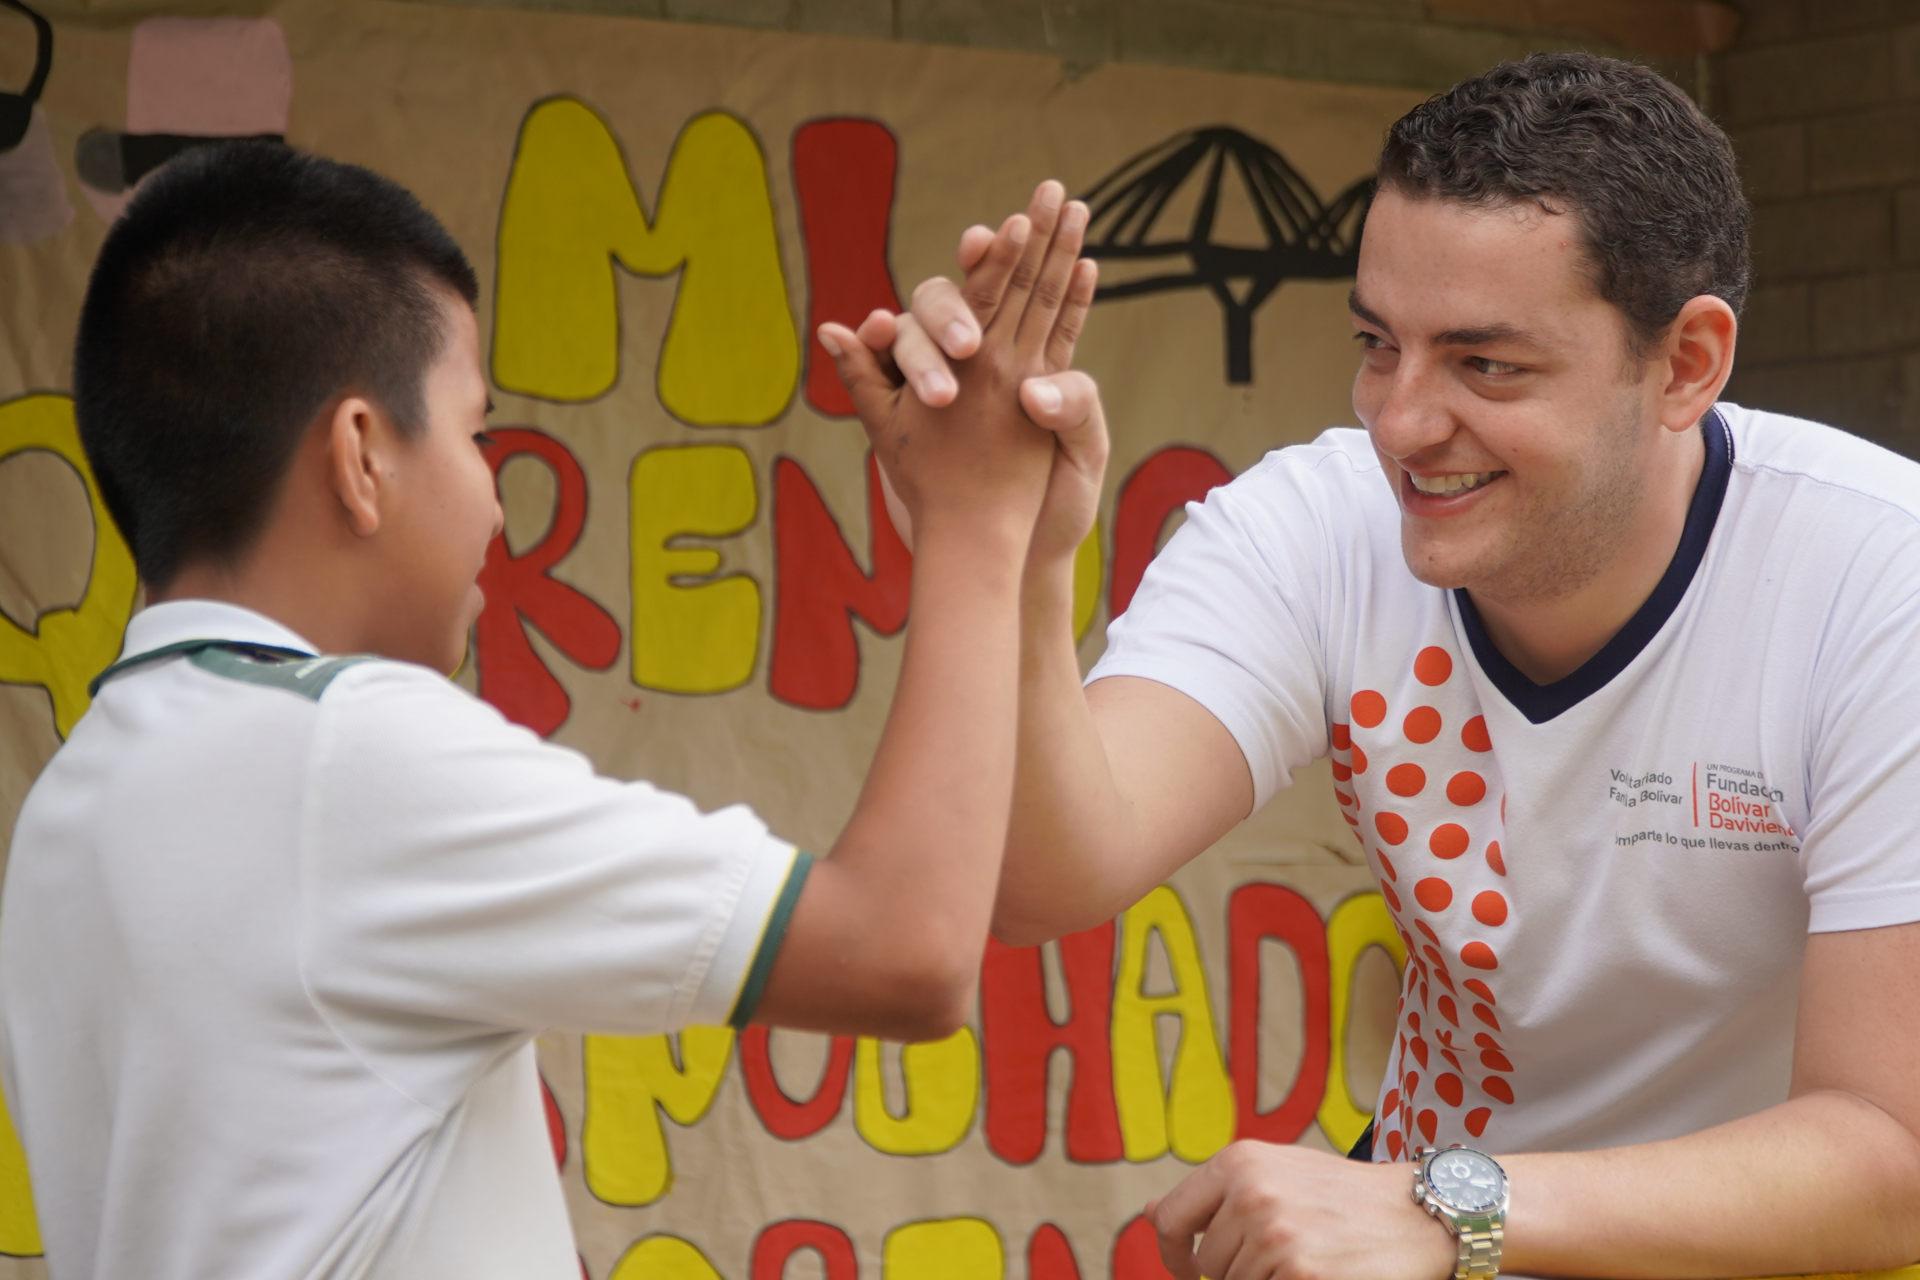 voluntarios corporativos colombia fundacion bolivar da vivienda